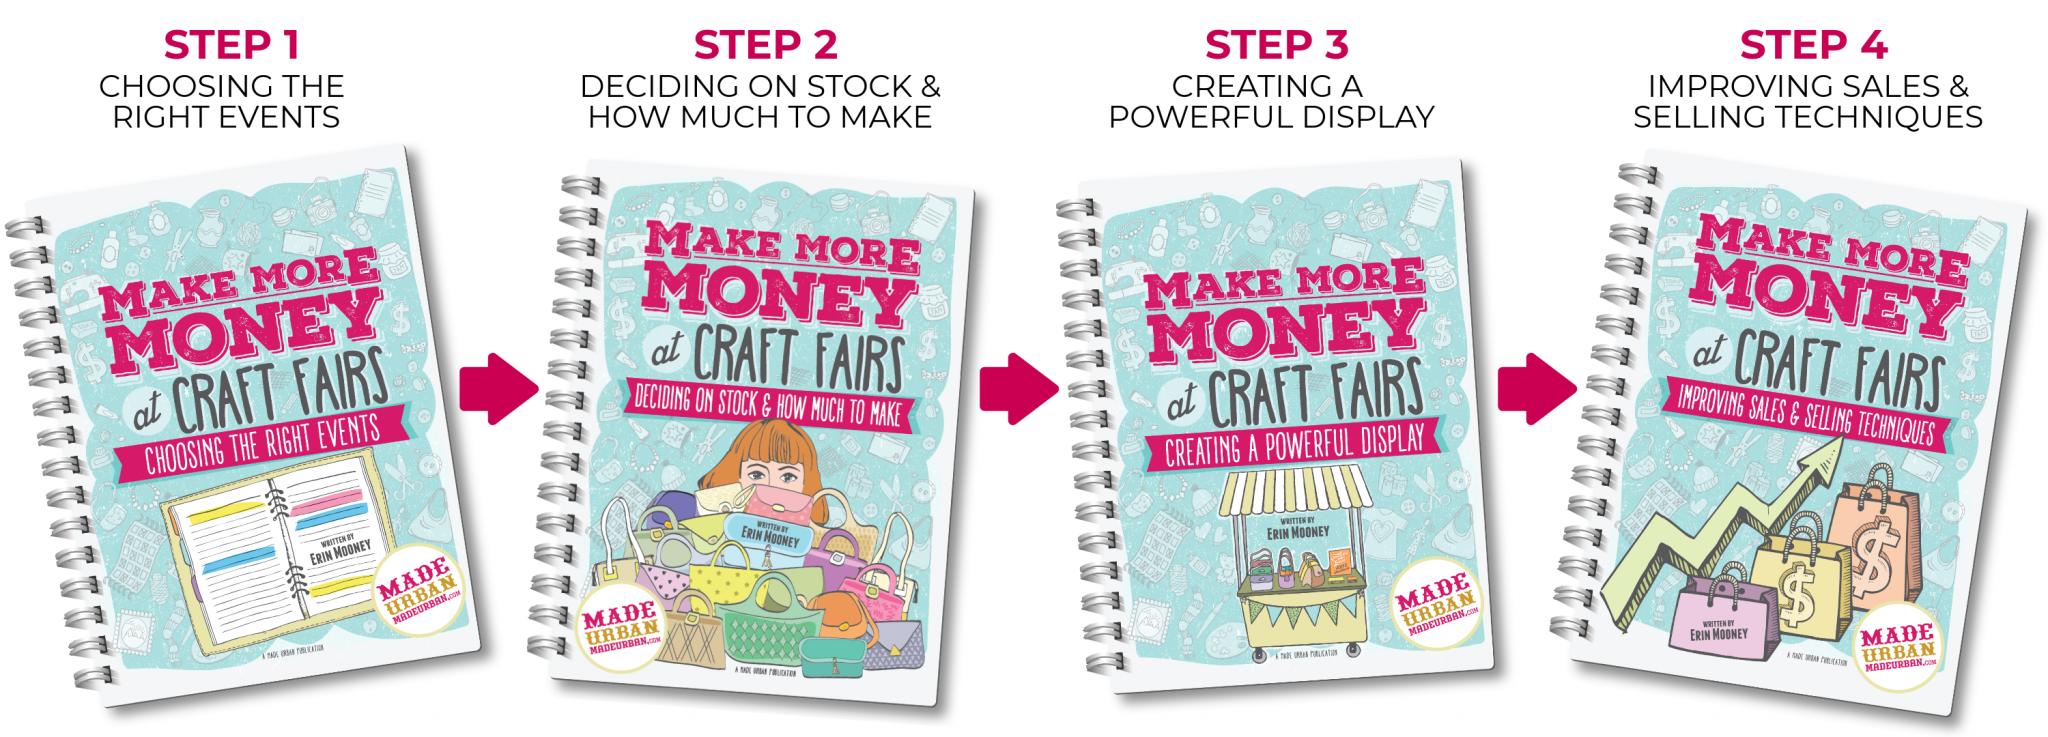 Make More Money at Craft Fairs - Made Urban